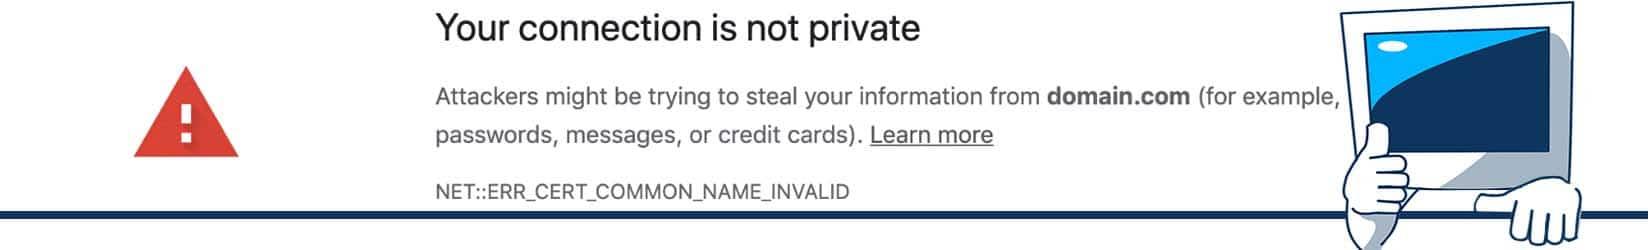 no se puede acceder a este sitio web ha tardado demasiado tiempo en responder